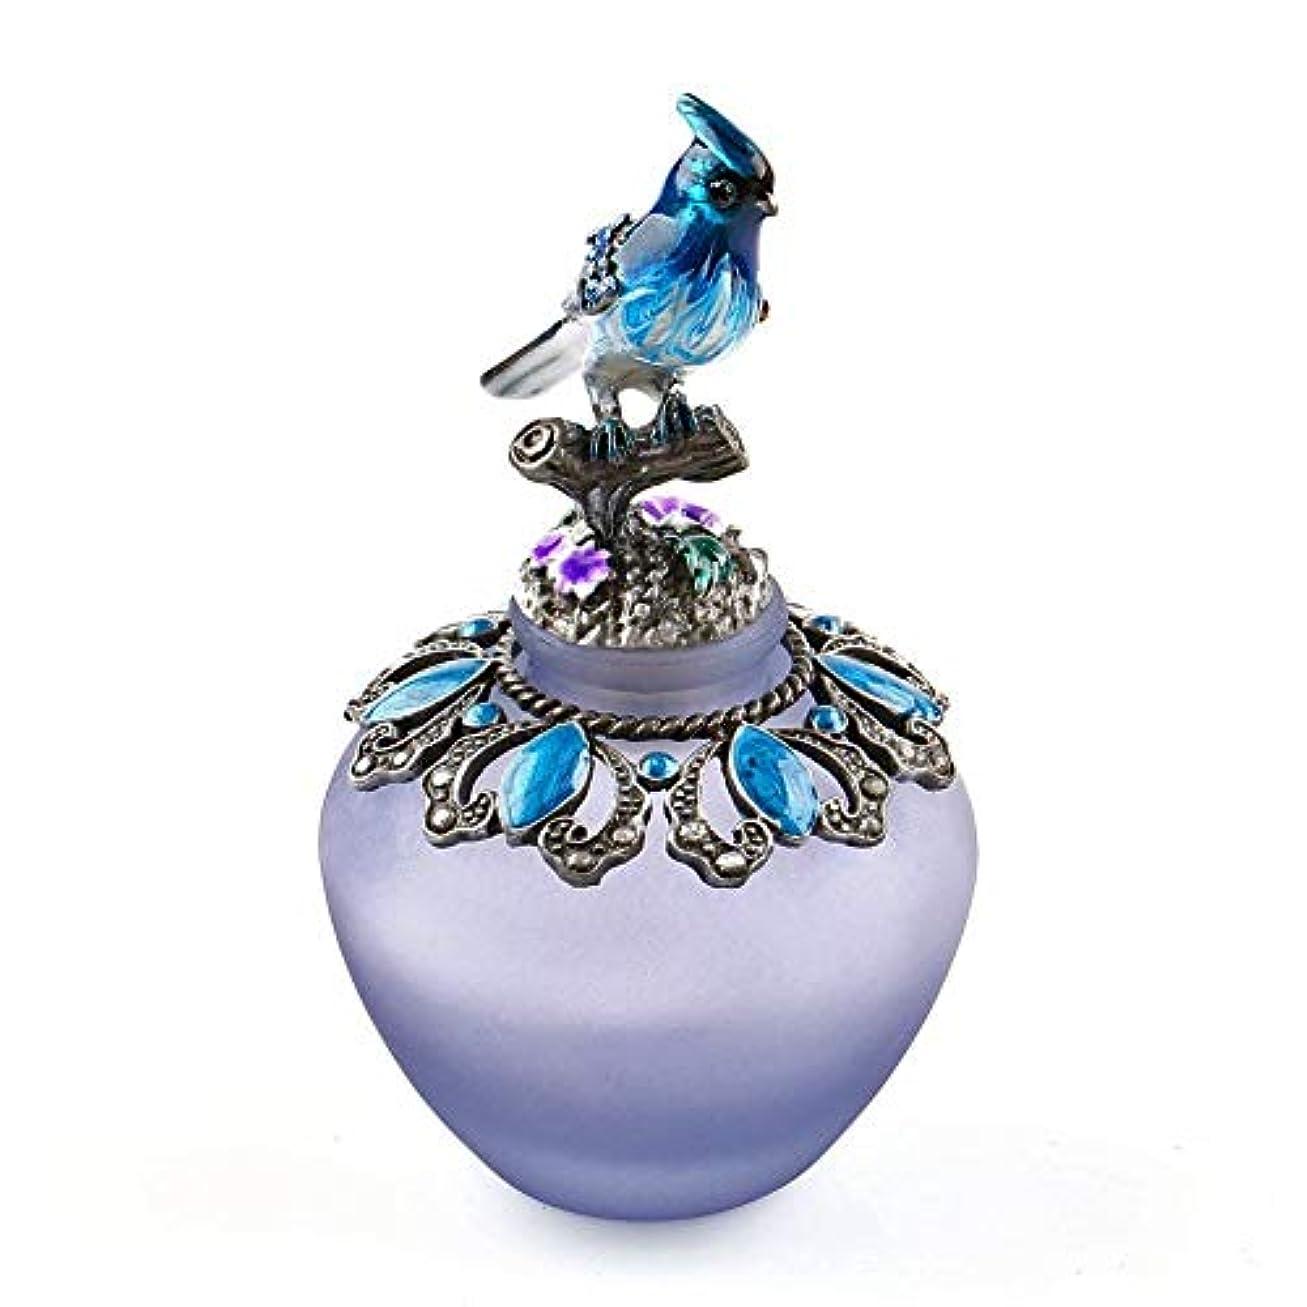 プレゼント付添人内訳EasyRaku 高品質 美しい香水瓶 鳥40ML ガラスアロマボトル 綺麗アンティーク調欧風デザイン クリスマスプレゼント 結婚式 飾り